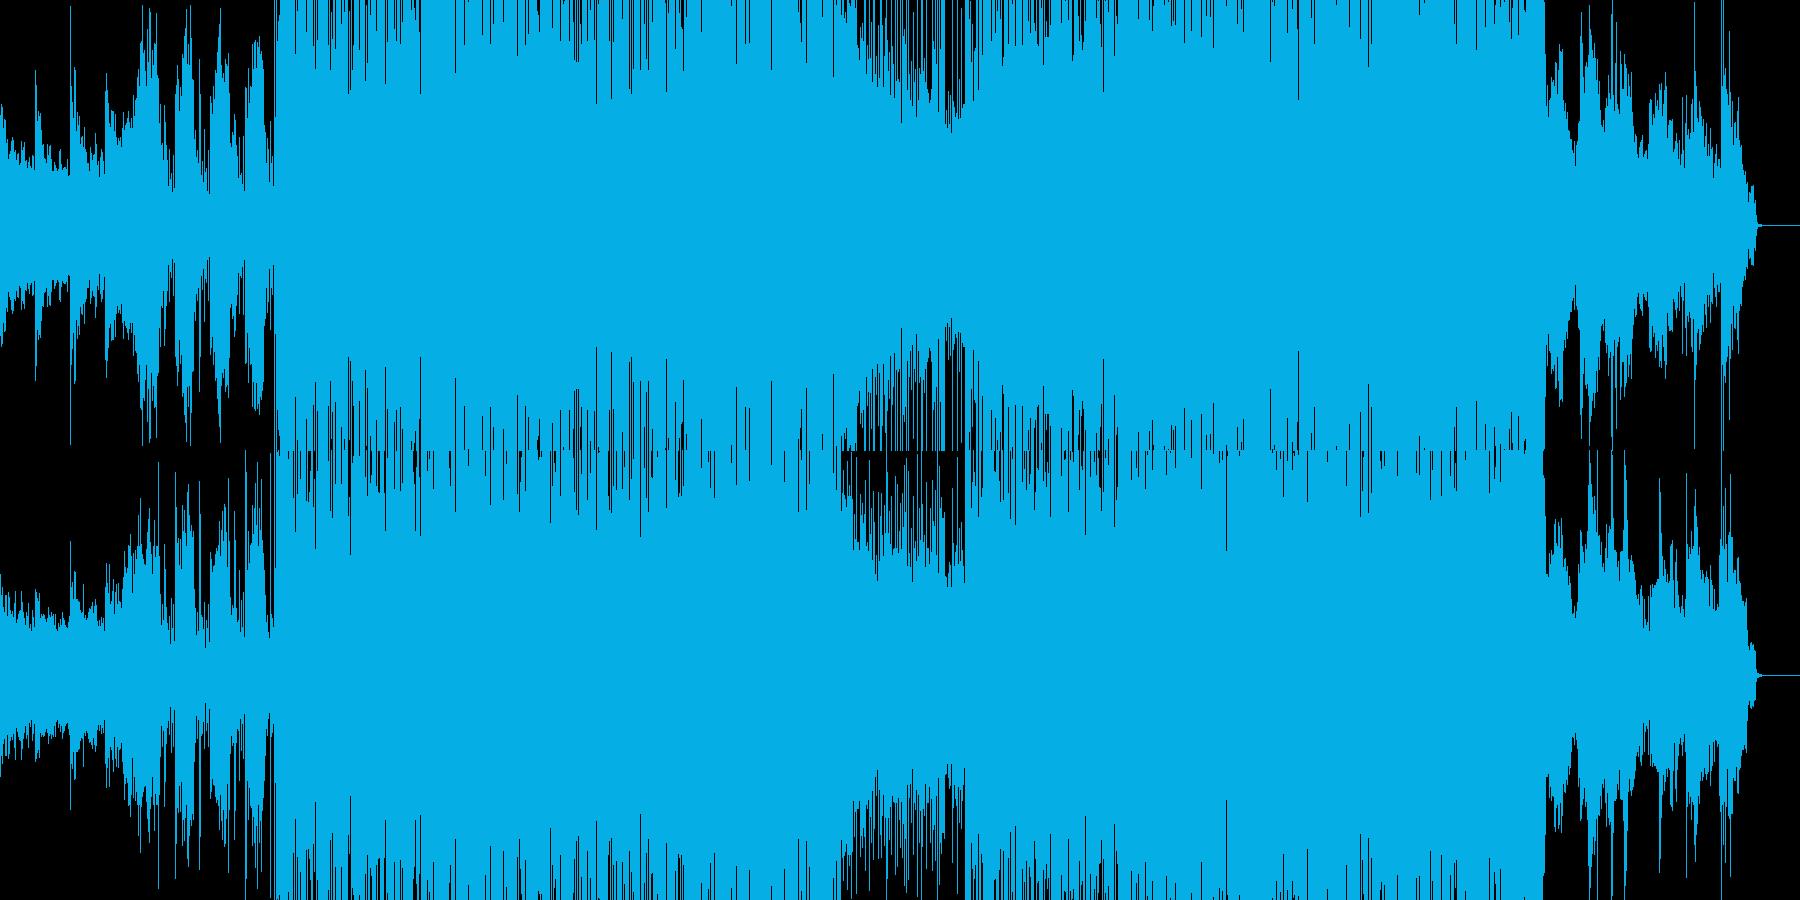 自然のエネルギーを感じるような曲の再生済みの波形